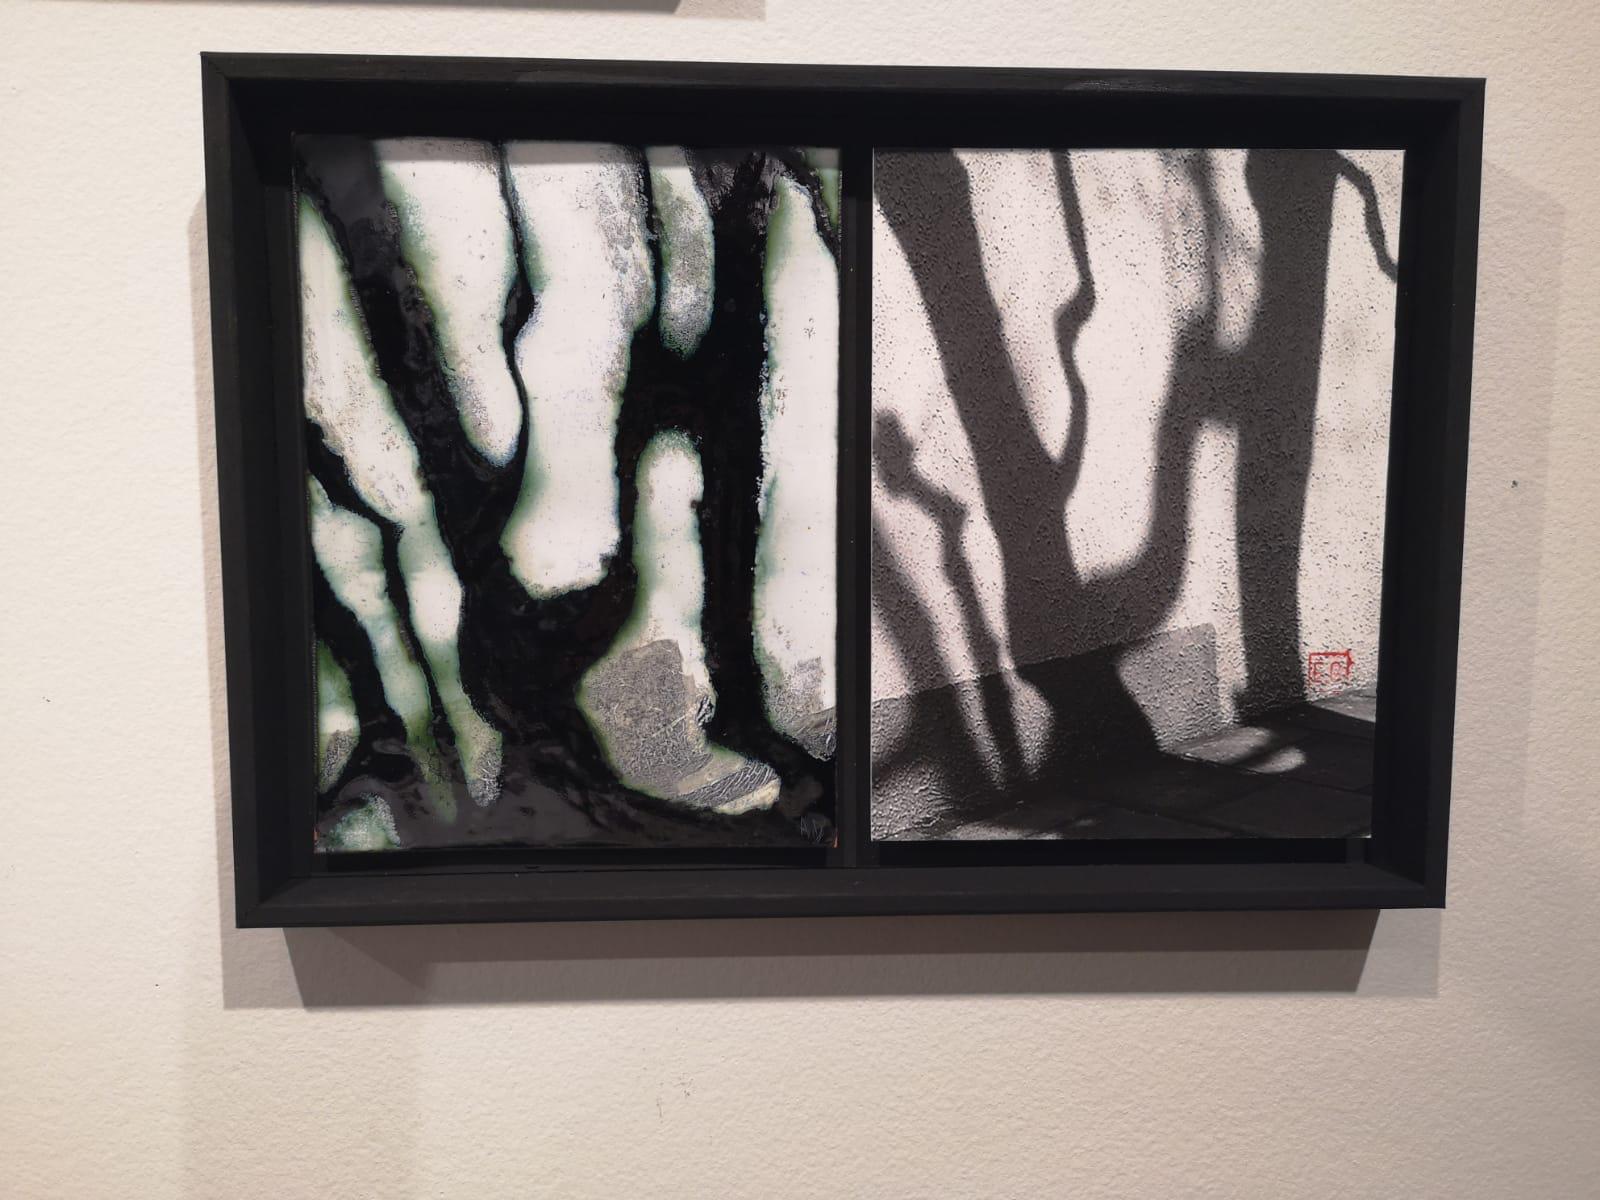 tableau en noir et blanc représentant une ombre d'arbre sur un mur - à gauche la partie émaillée et à droite la photo